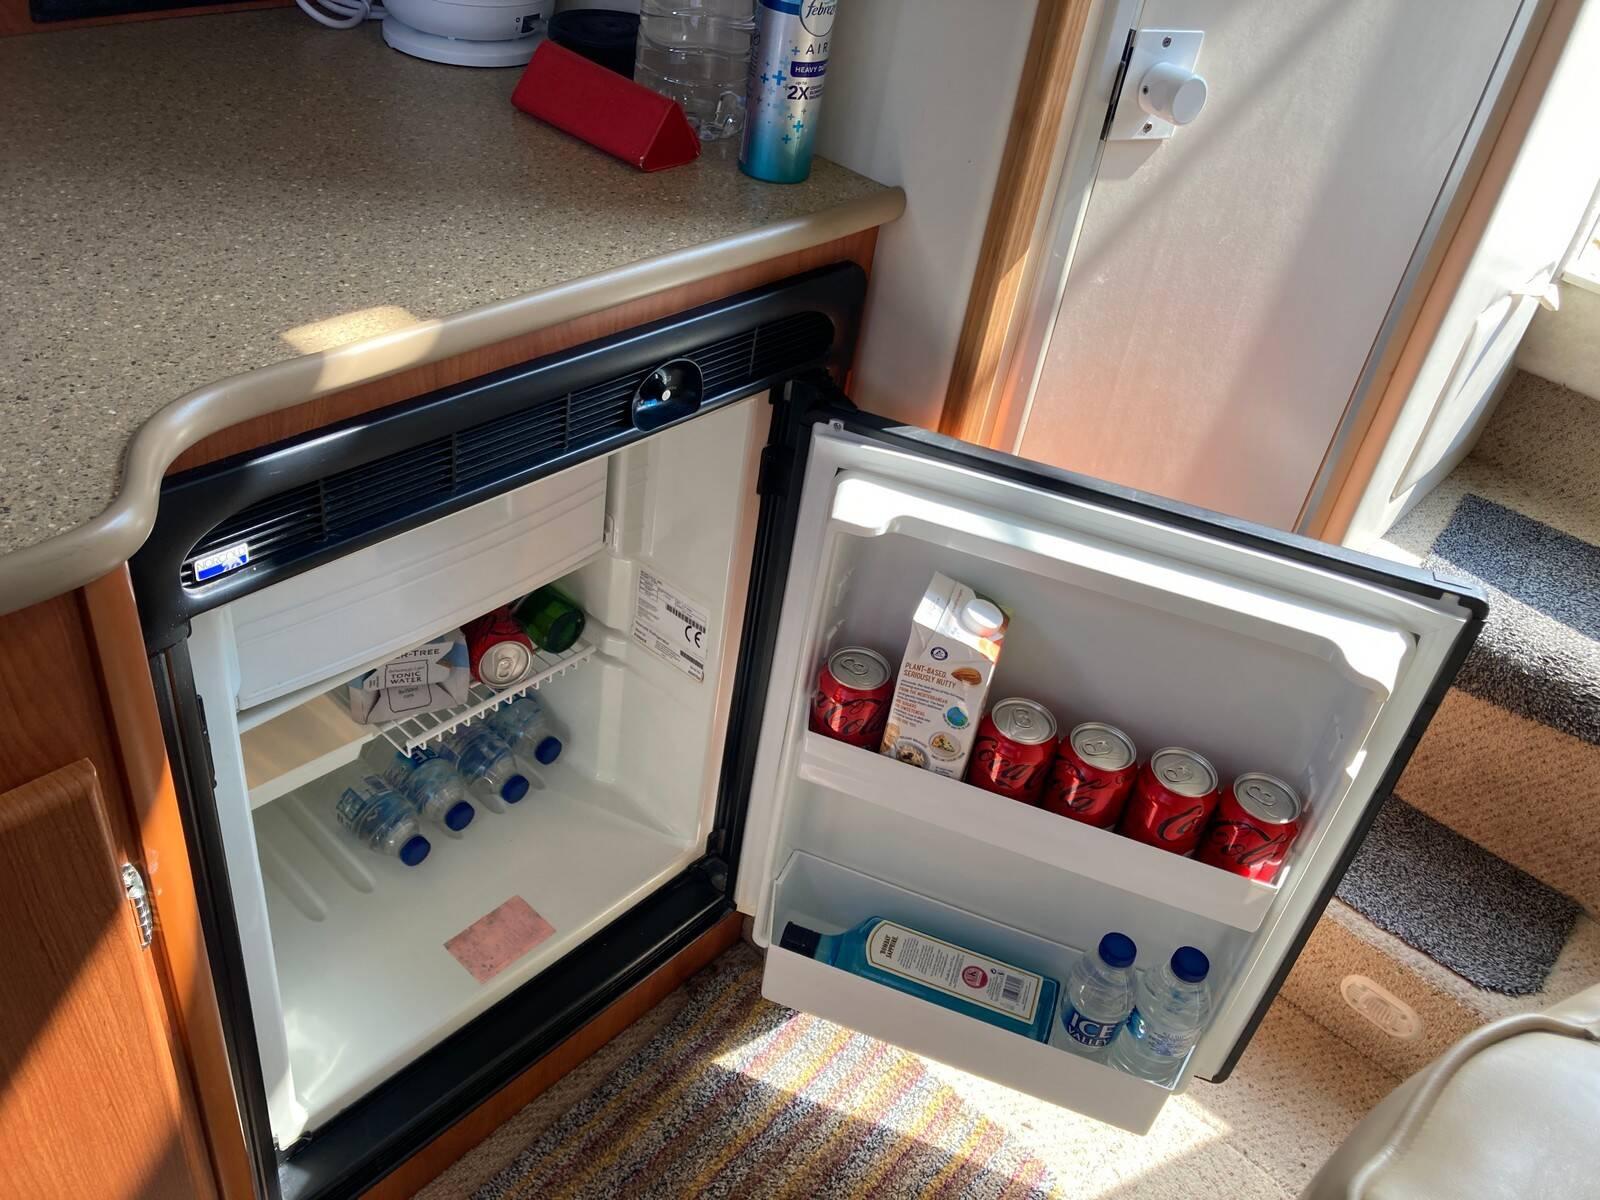 Bayliner 288 inside fridge